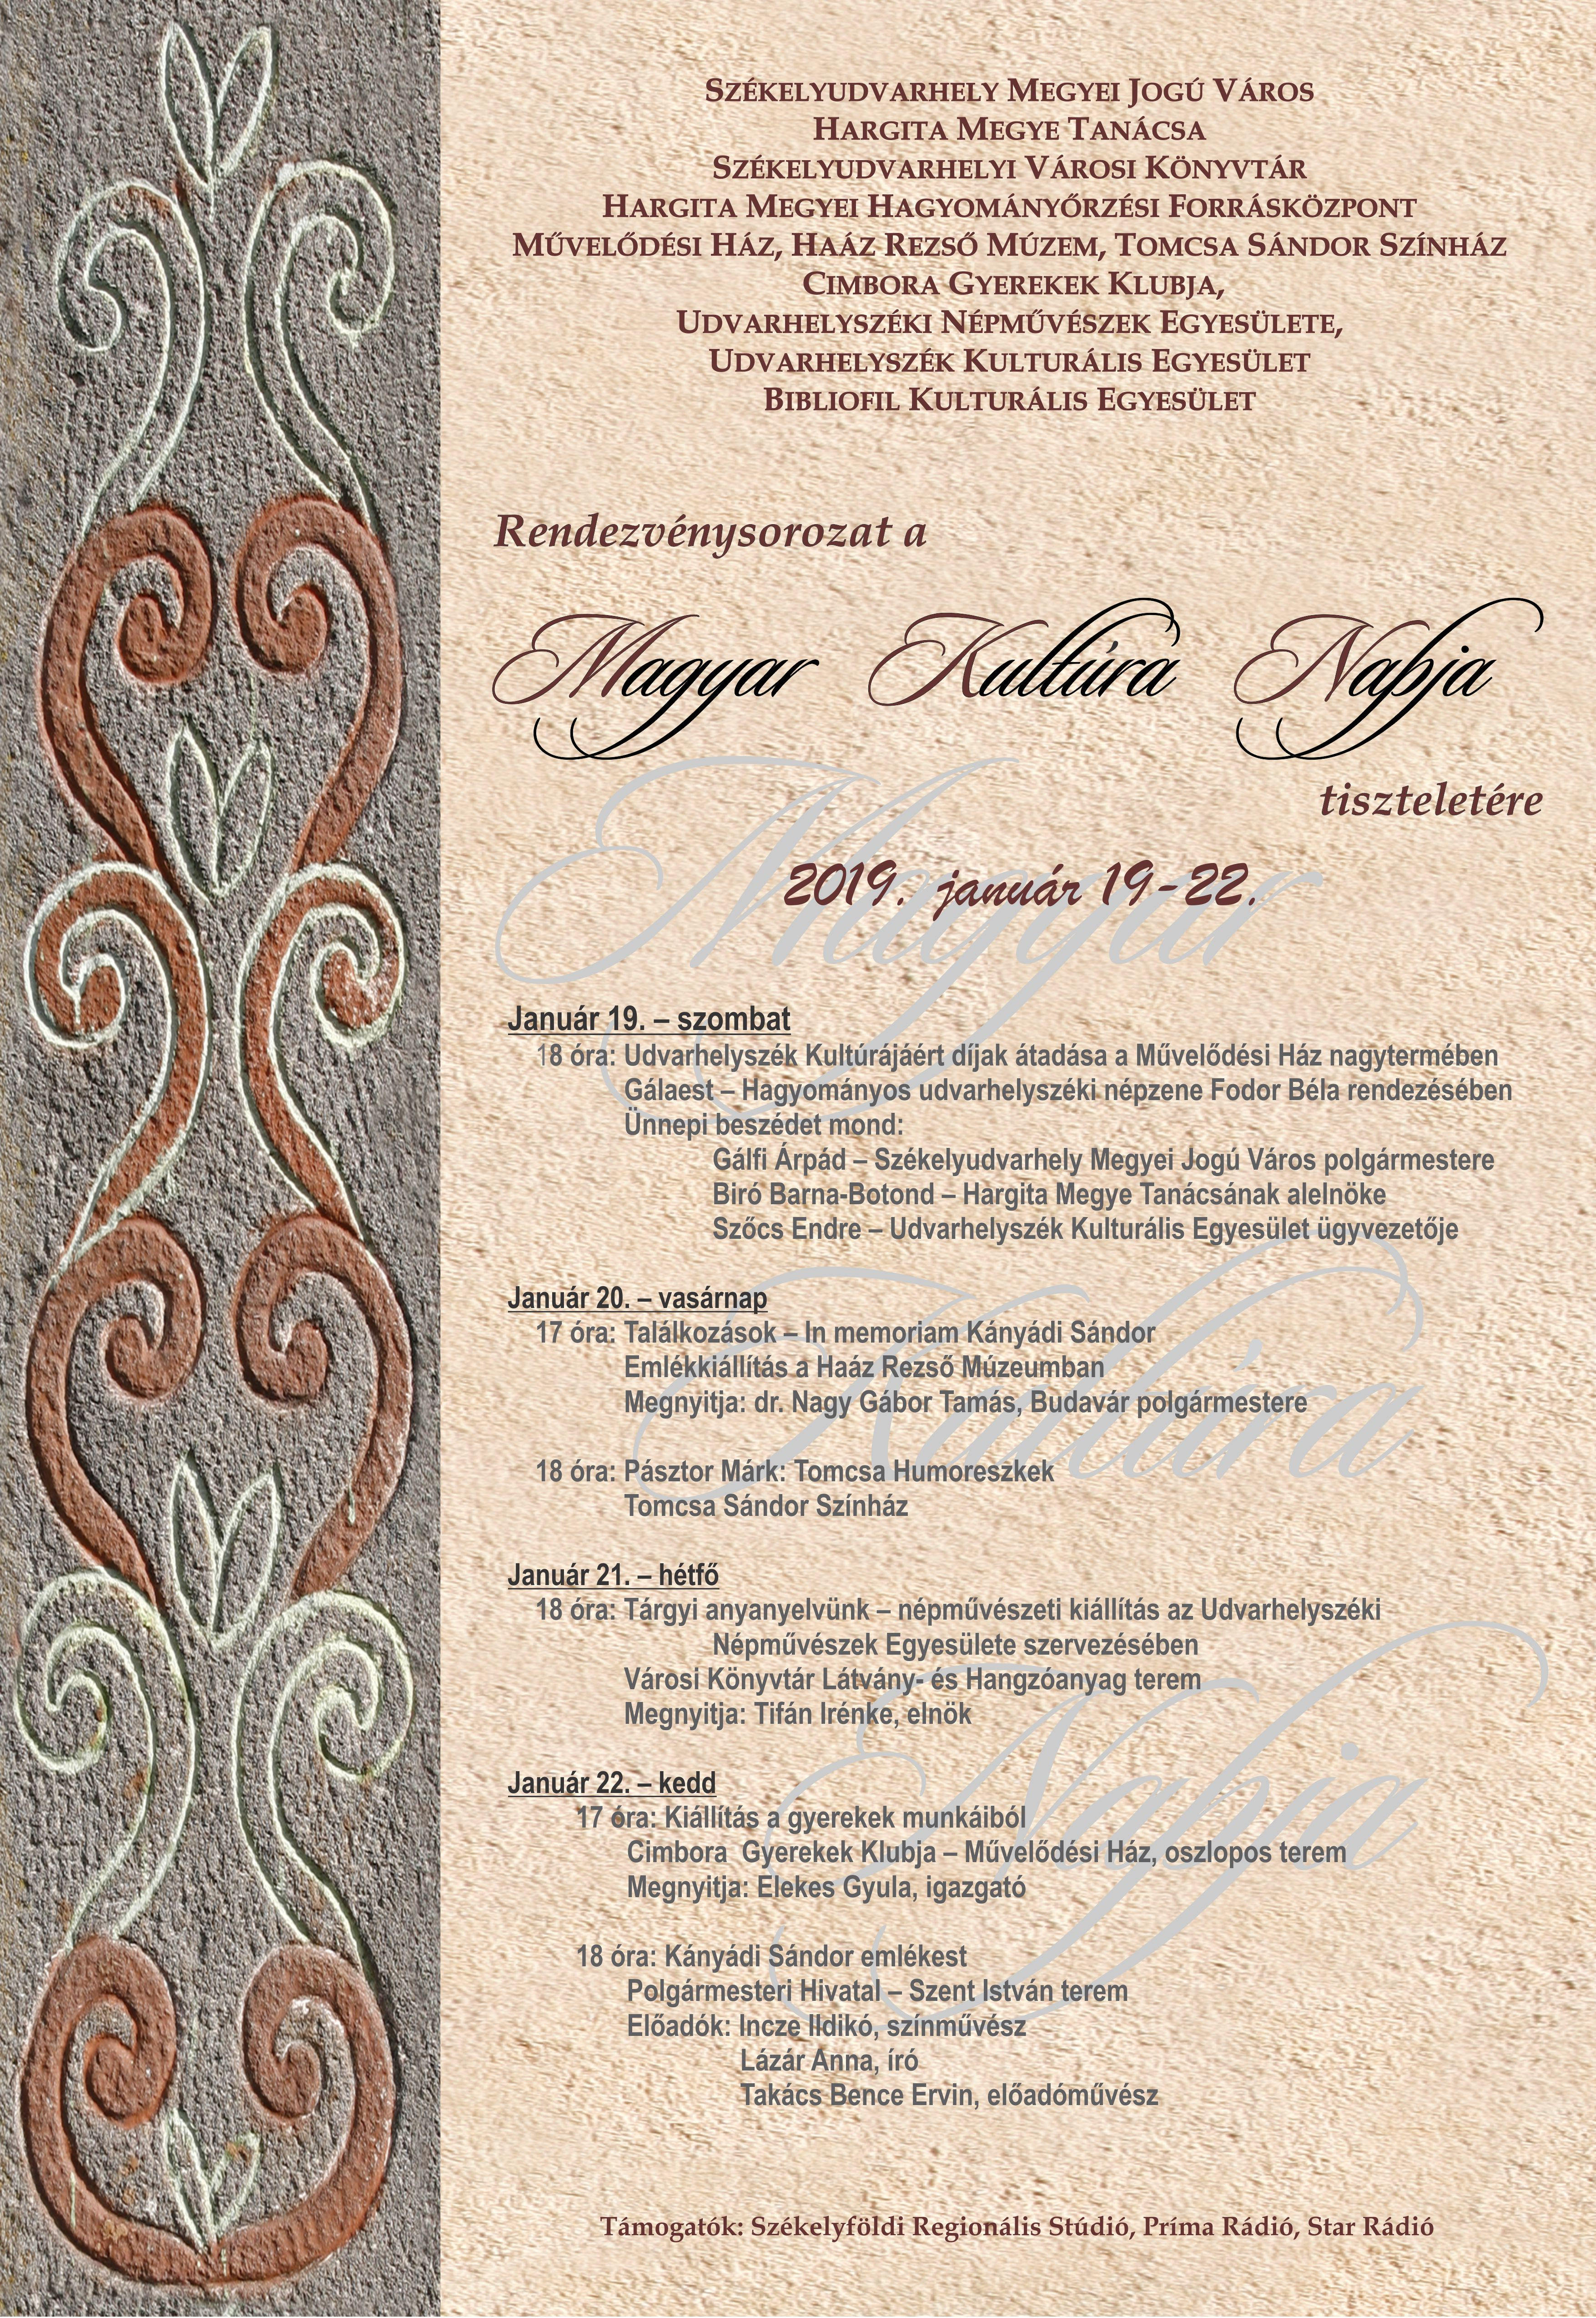 Spectacol de gală la Odorheiu Secuiesc cu ocazia Zilei Culturii Maghiare